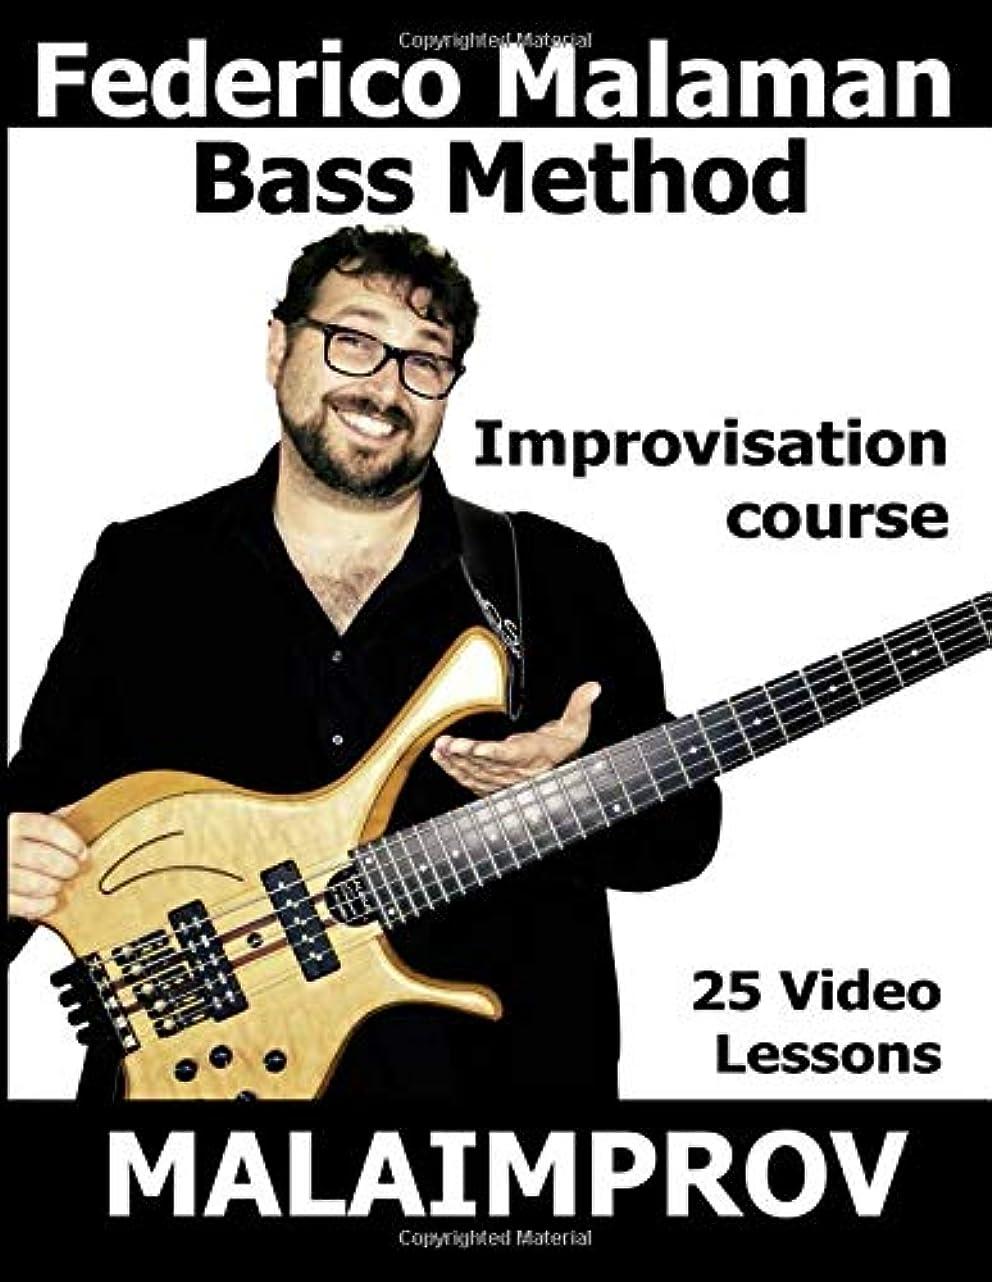 上院議員自信がある安定しましたFederico Malaman Bass method: [25 VIDEO LESSONS INCLUDED] A complete course dedicated to the bass improvisation. From the fundamentals to create your solo on great standards.